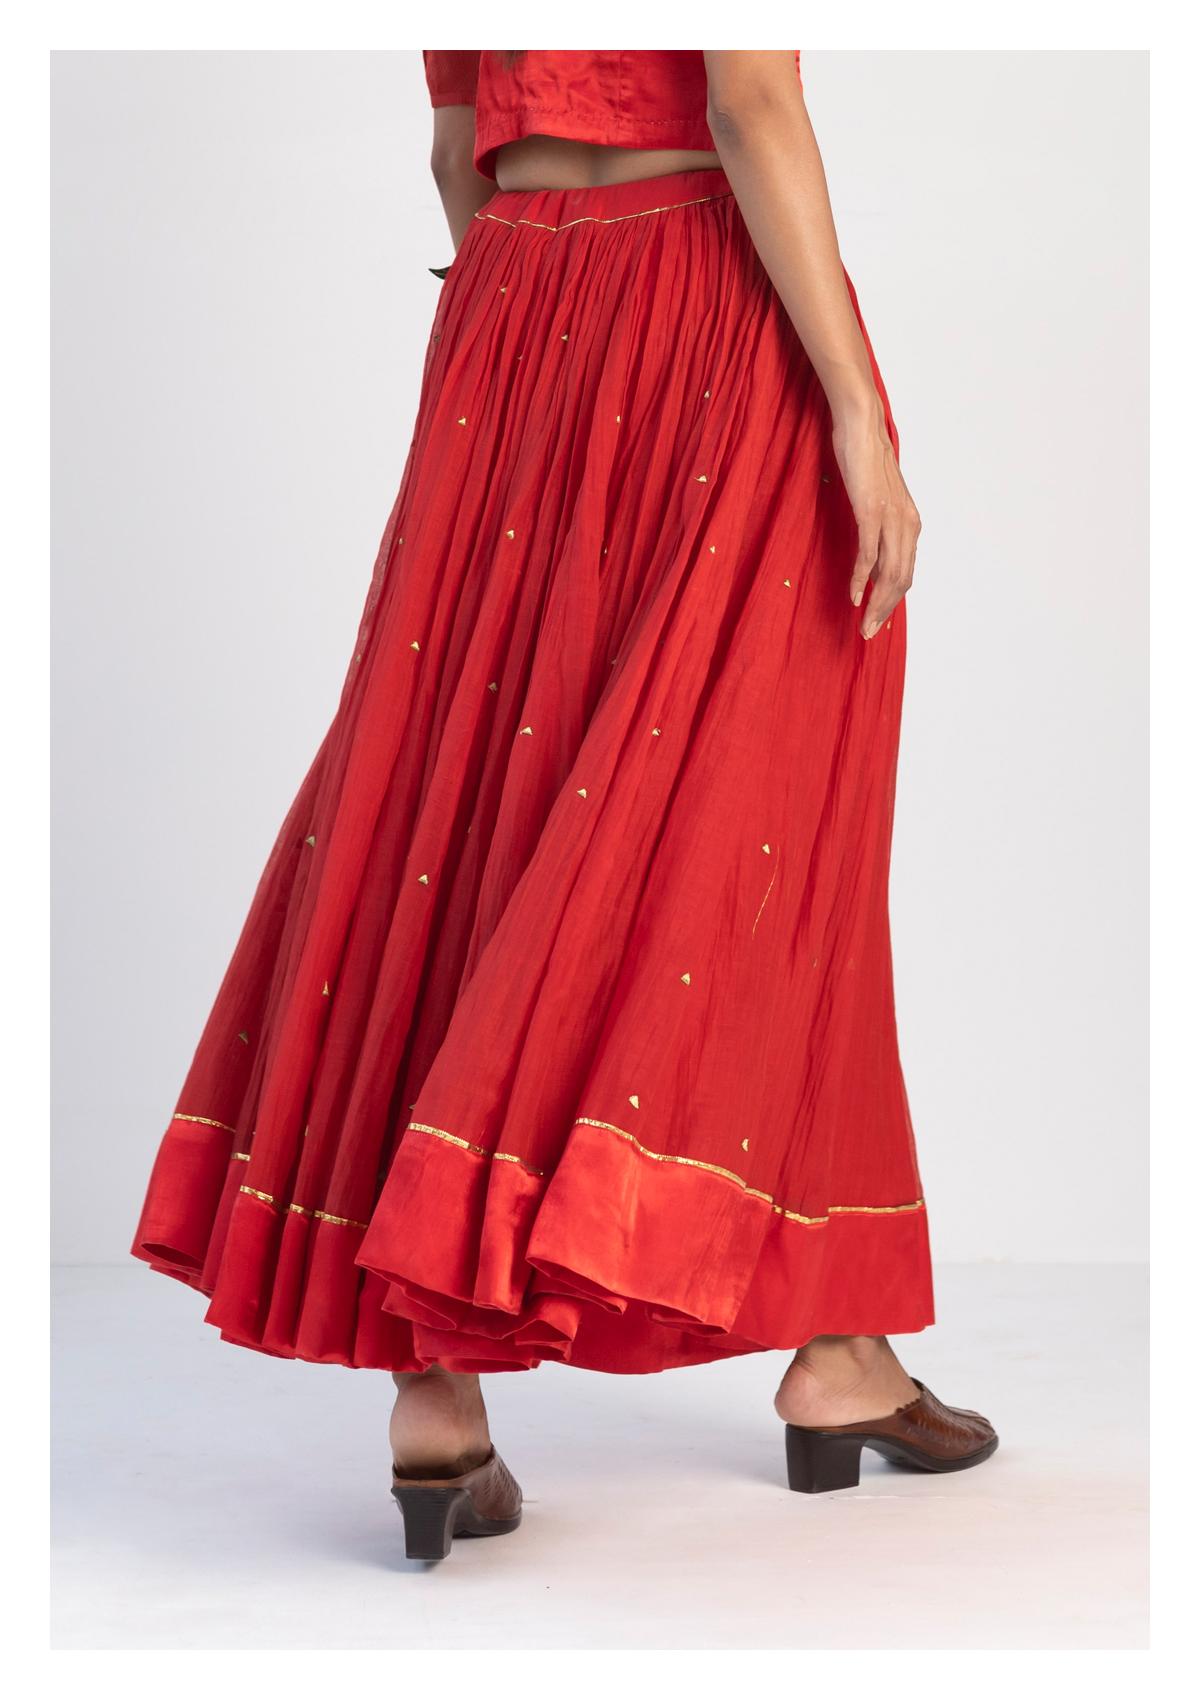 Kurma Red Chanderi Skirt